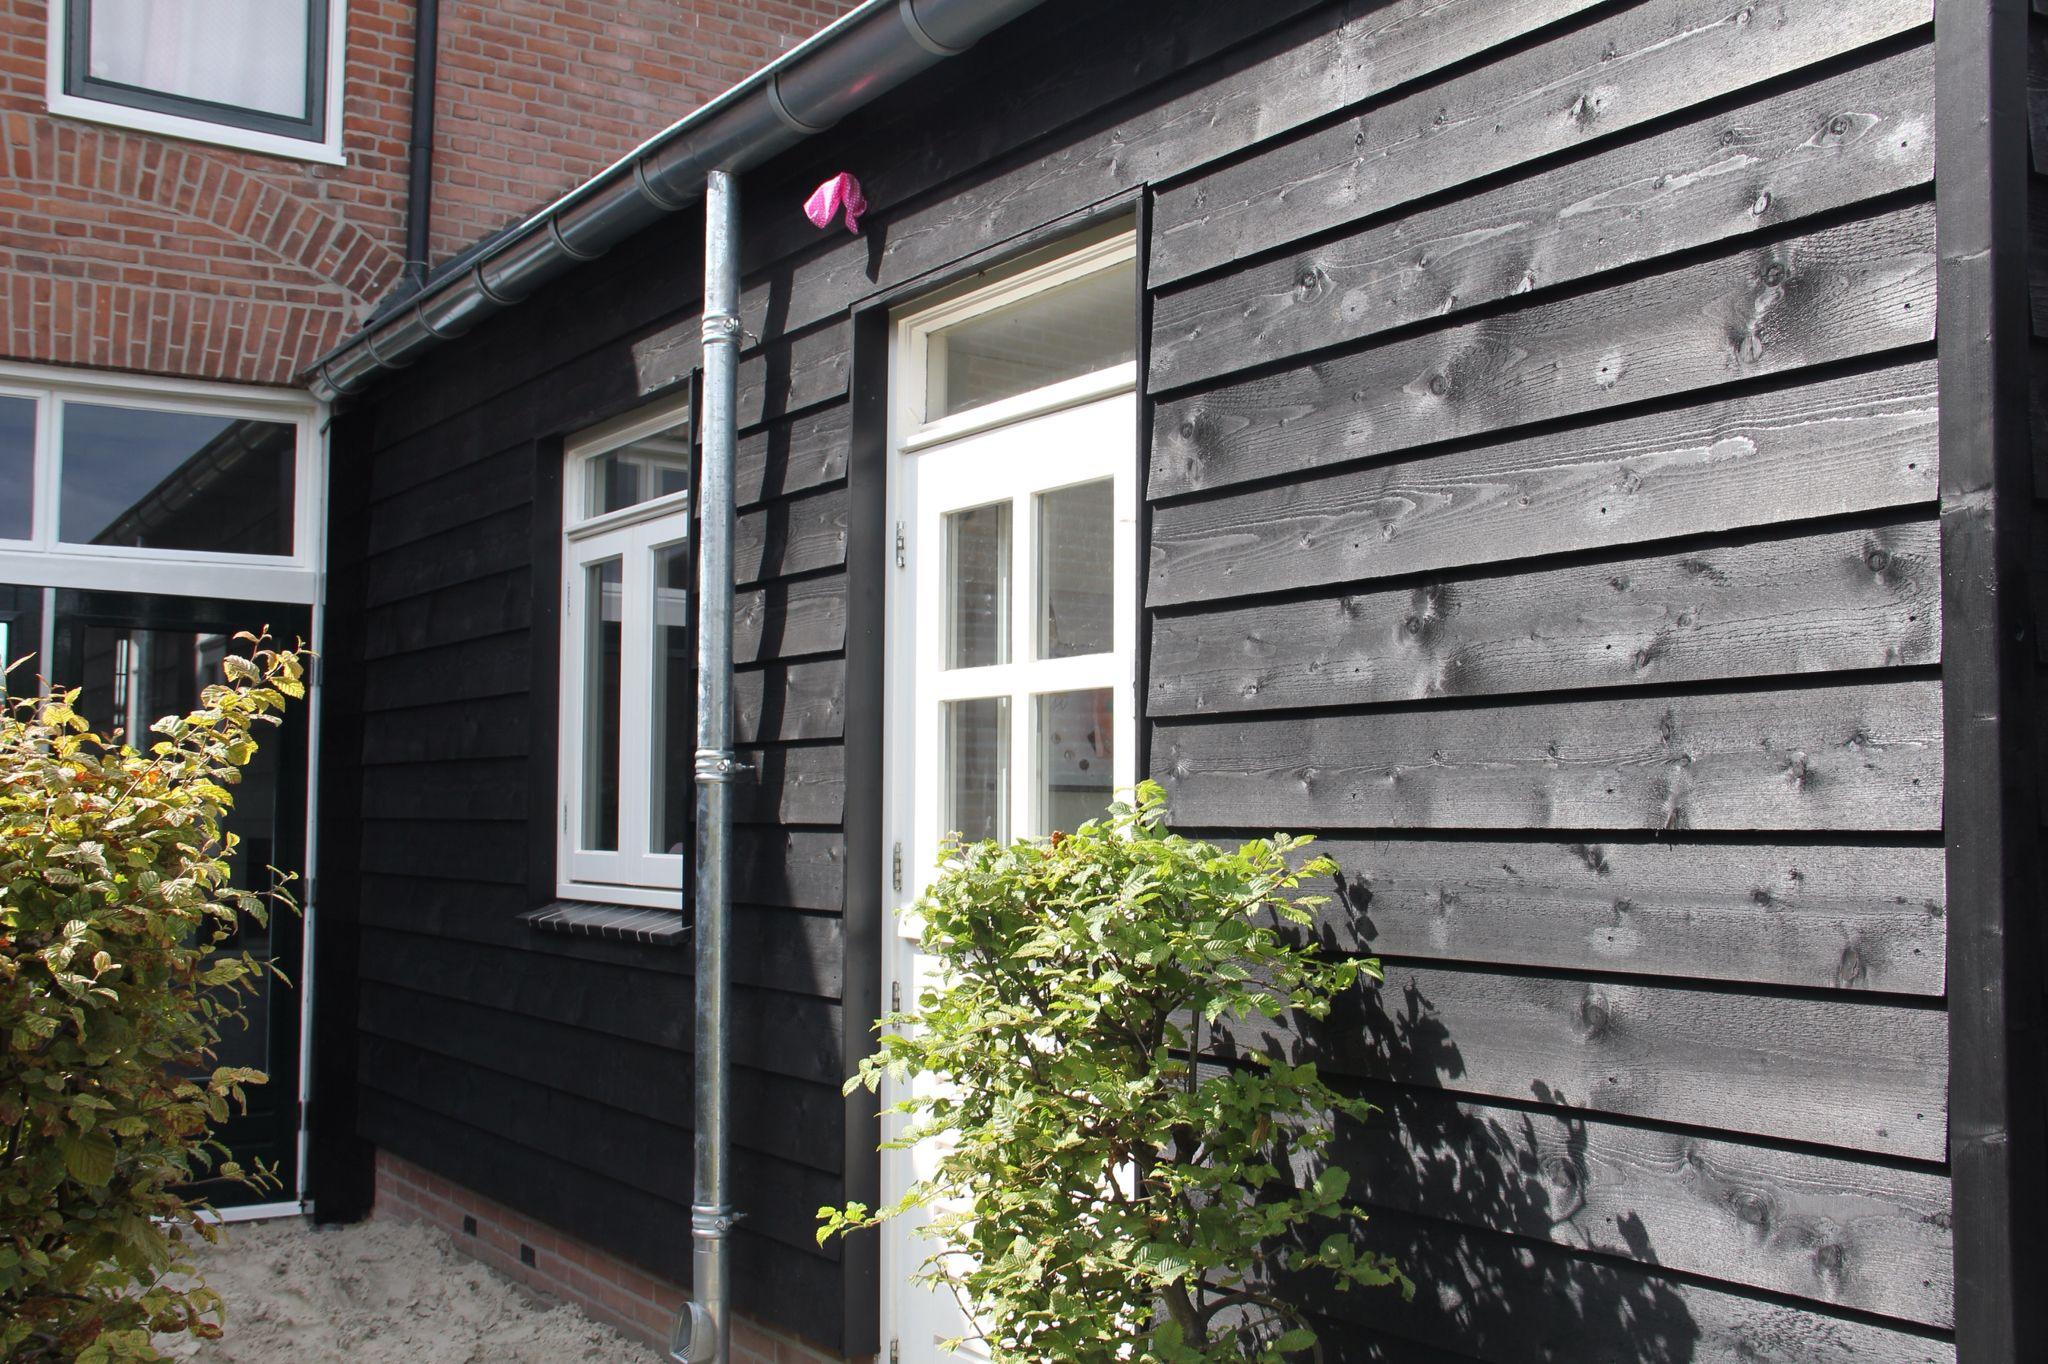 Ongebruikt Aanbouw met Zweeds rabat | boerderij in 2019 - Buitenkant huis RS-24